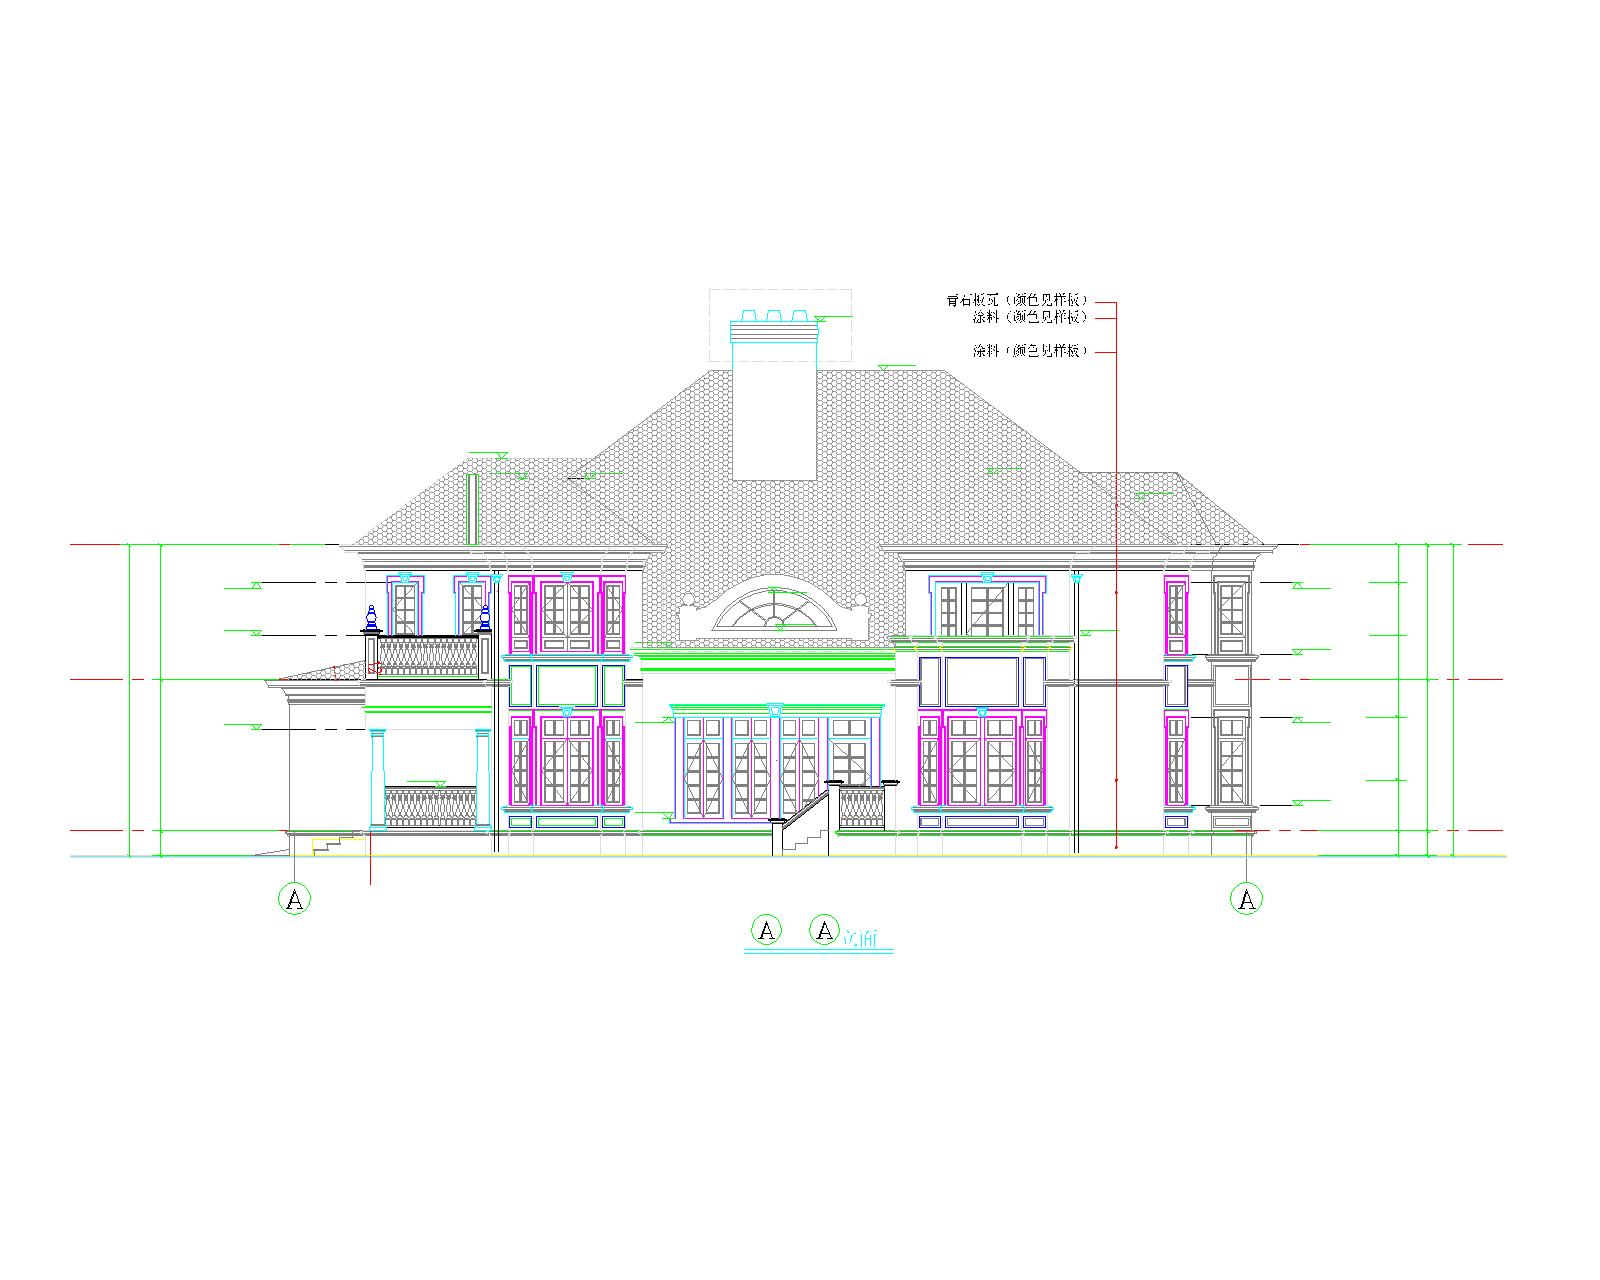 某别墅施工图免费下载 - 别墅图纸 - 土木工程网